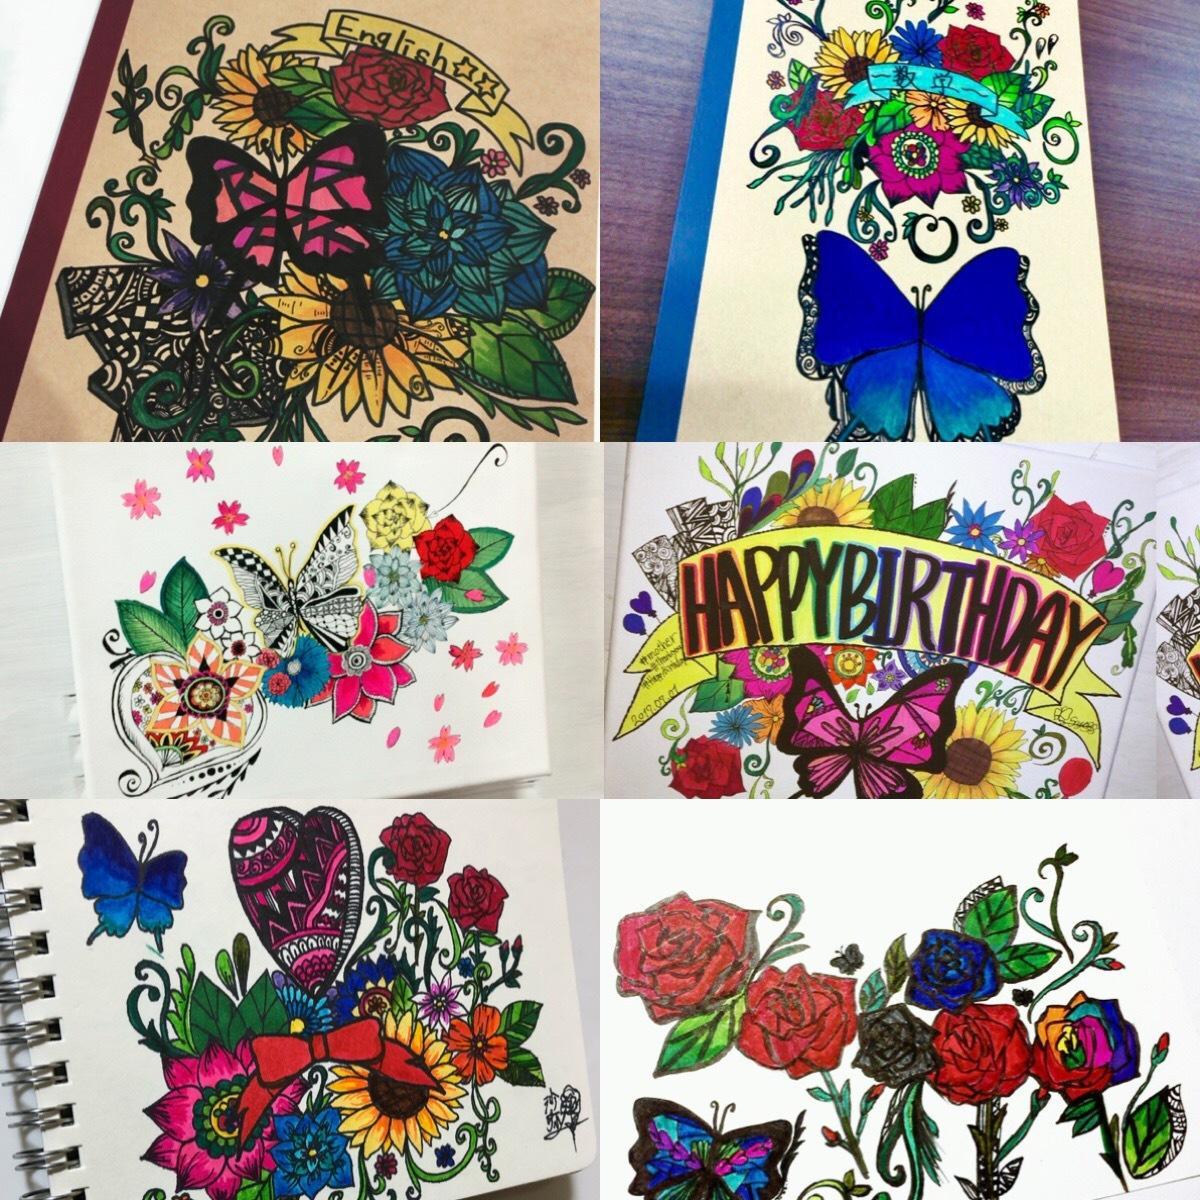 オリジナル花の絵描きます 良かったらgetしてくださいね